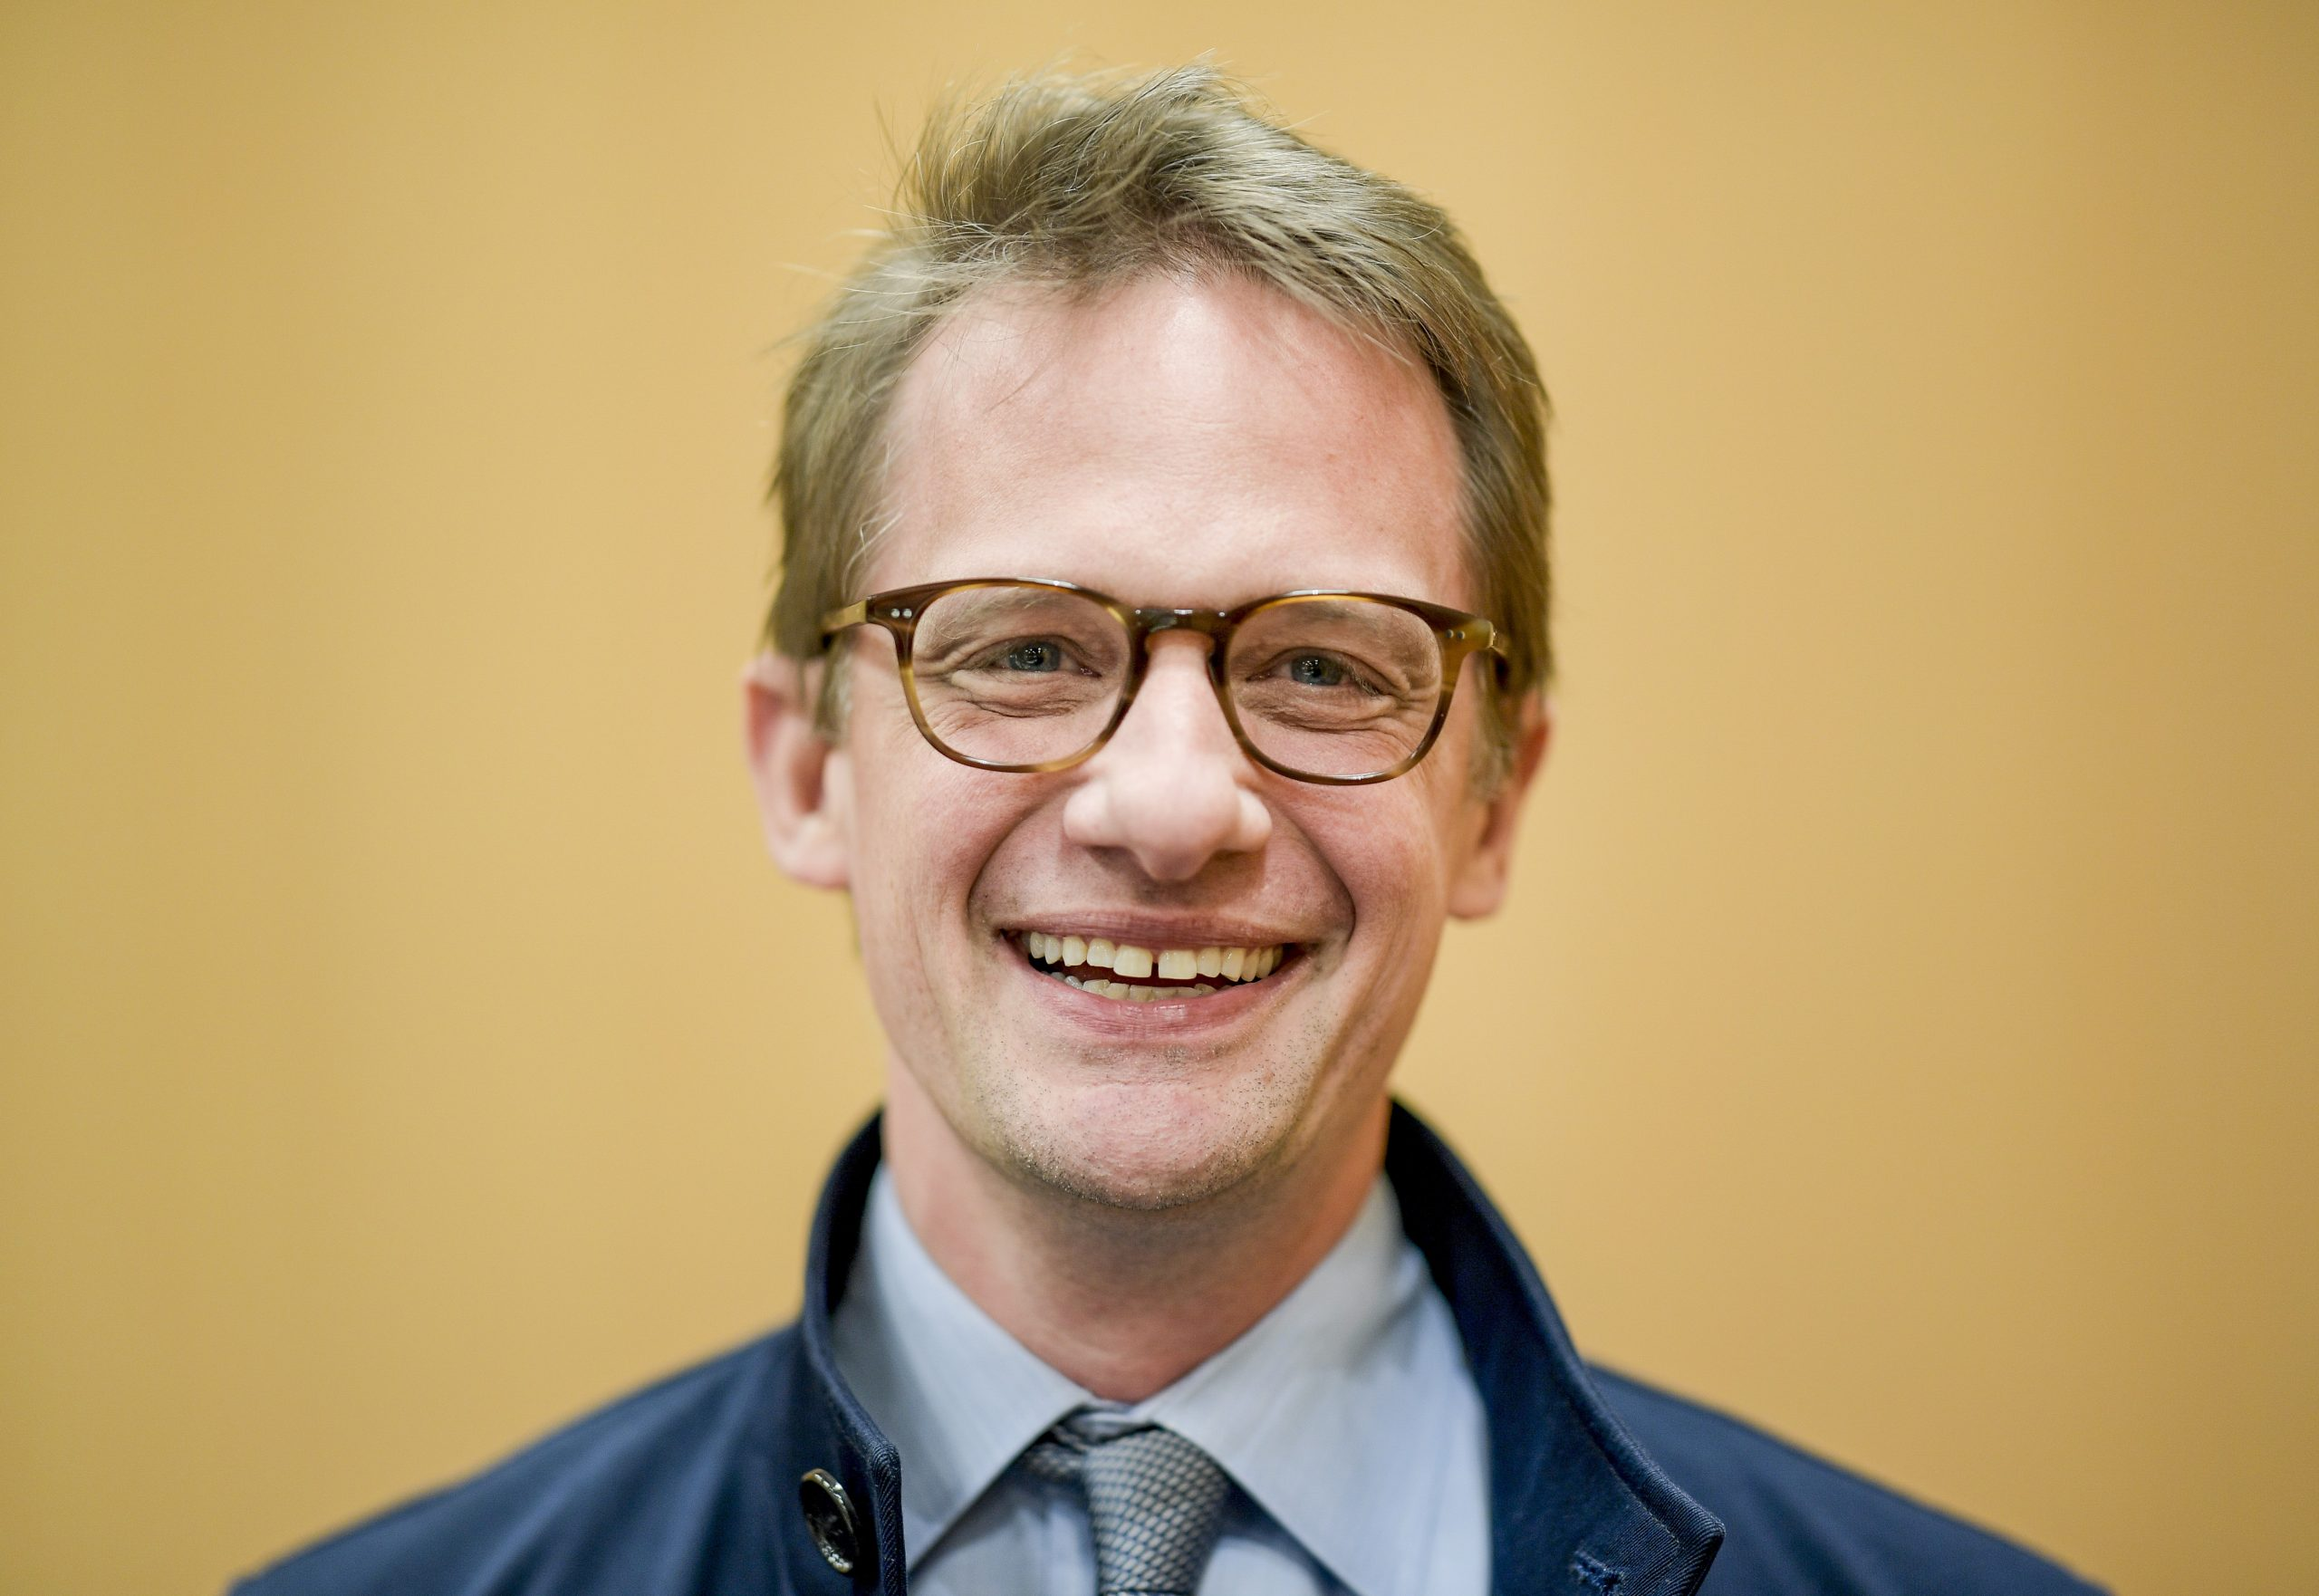 Richard Seelmaecker ist verkehrspolitischer Sprecher der Hamburger CDU-Fraktion.